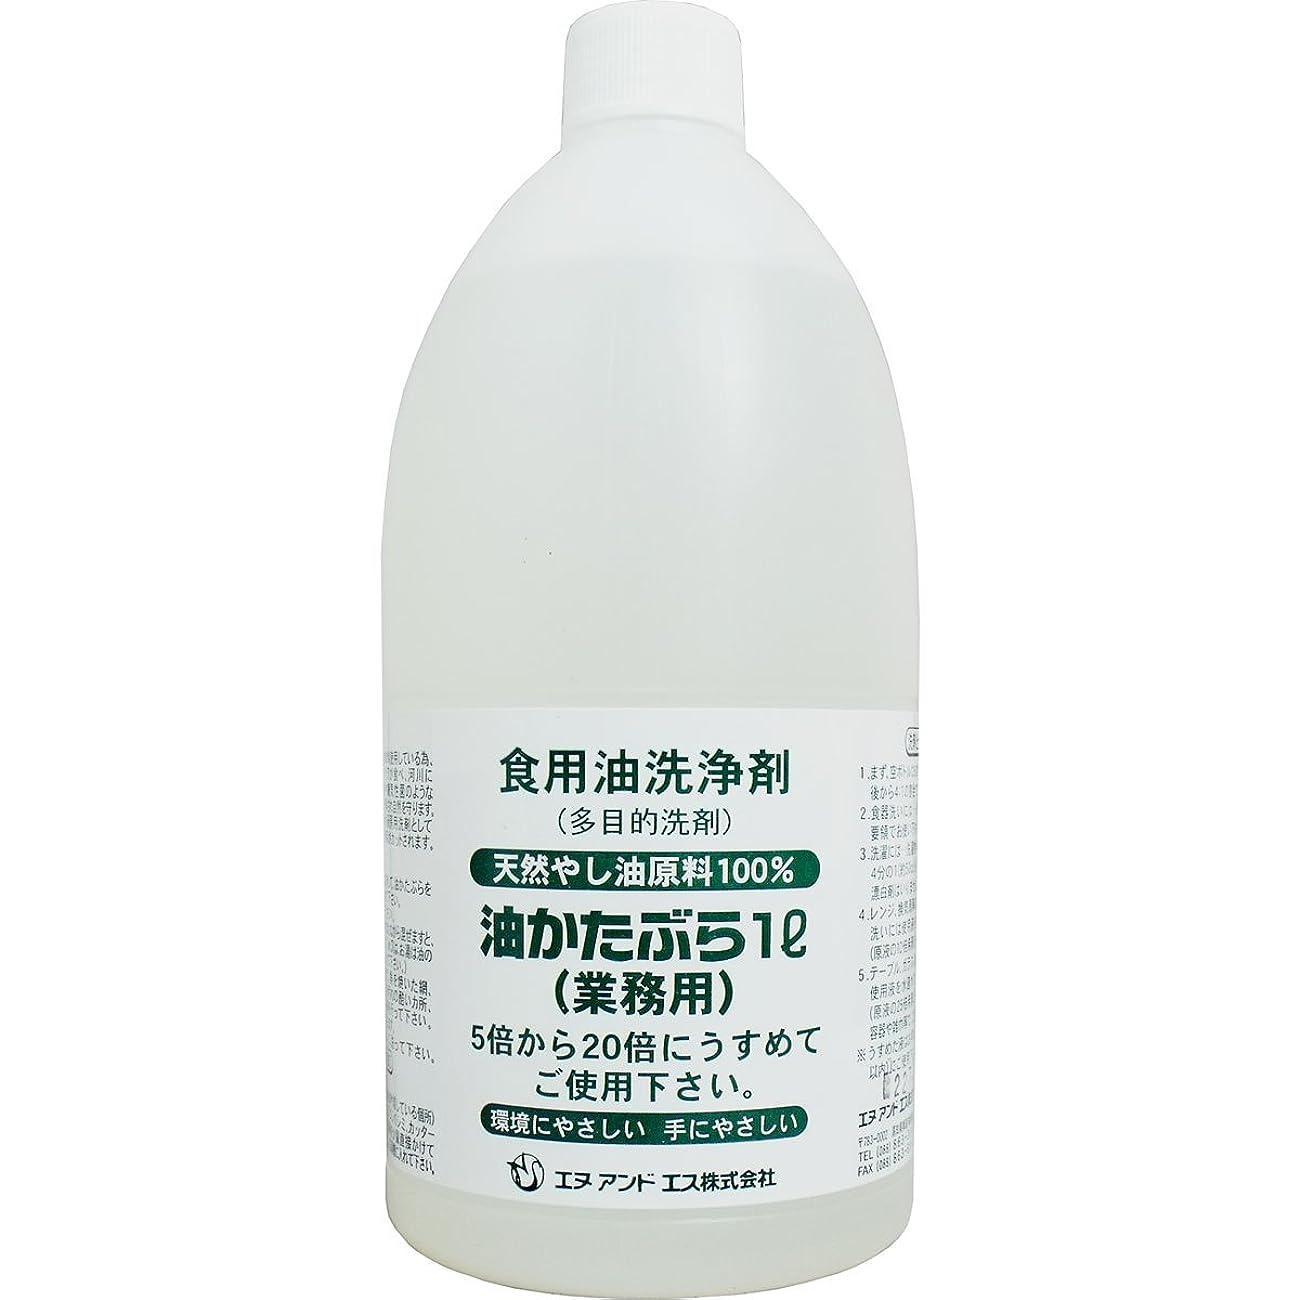 傑出した私達絶望多目的 洗浄剤 うすめて手にやさしい 再利用 リサイクル 食用油洗浄剤 油かたぶら 天然やし油原料100% 業務用 1L